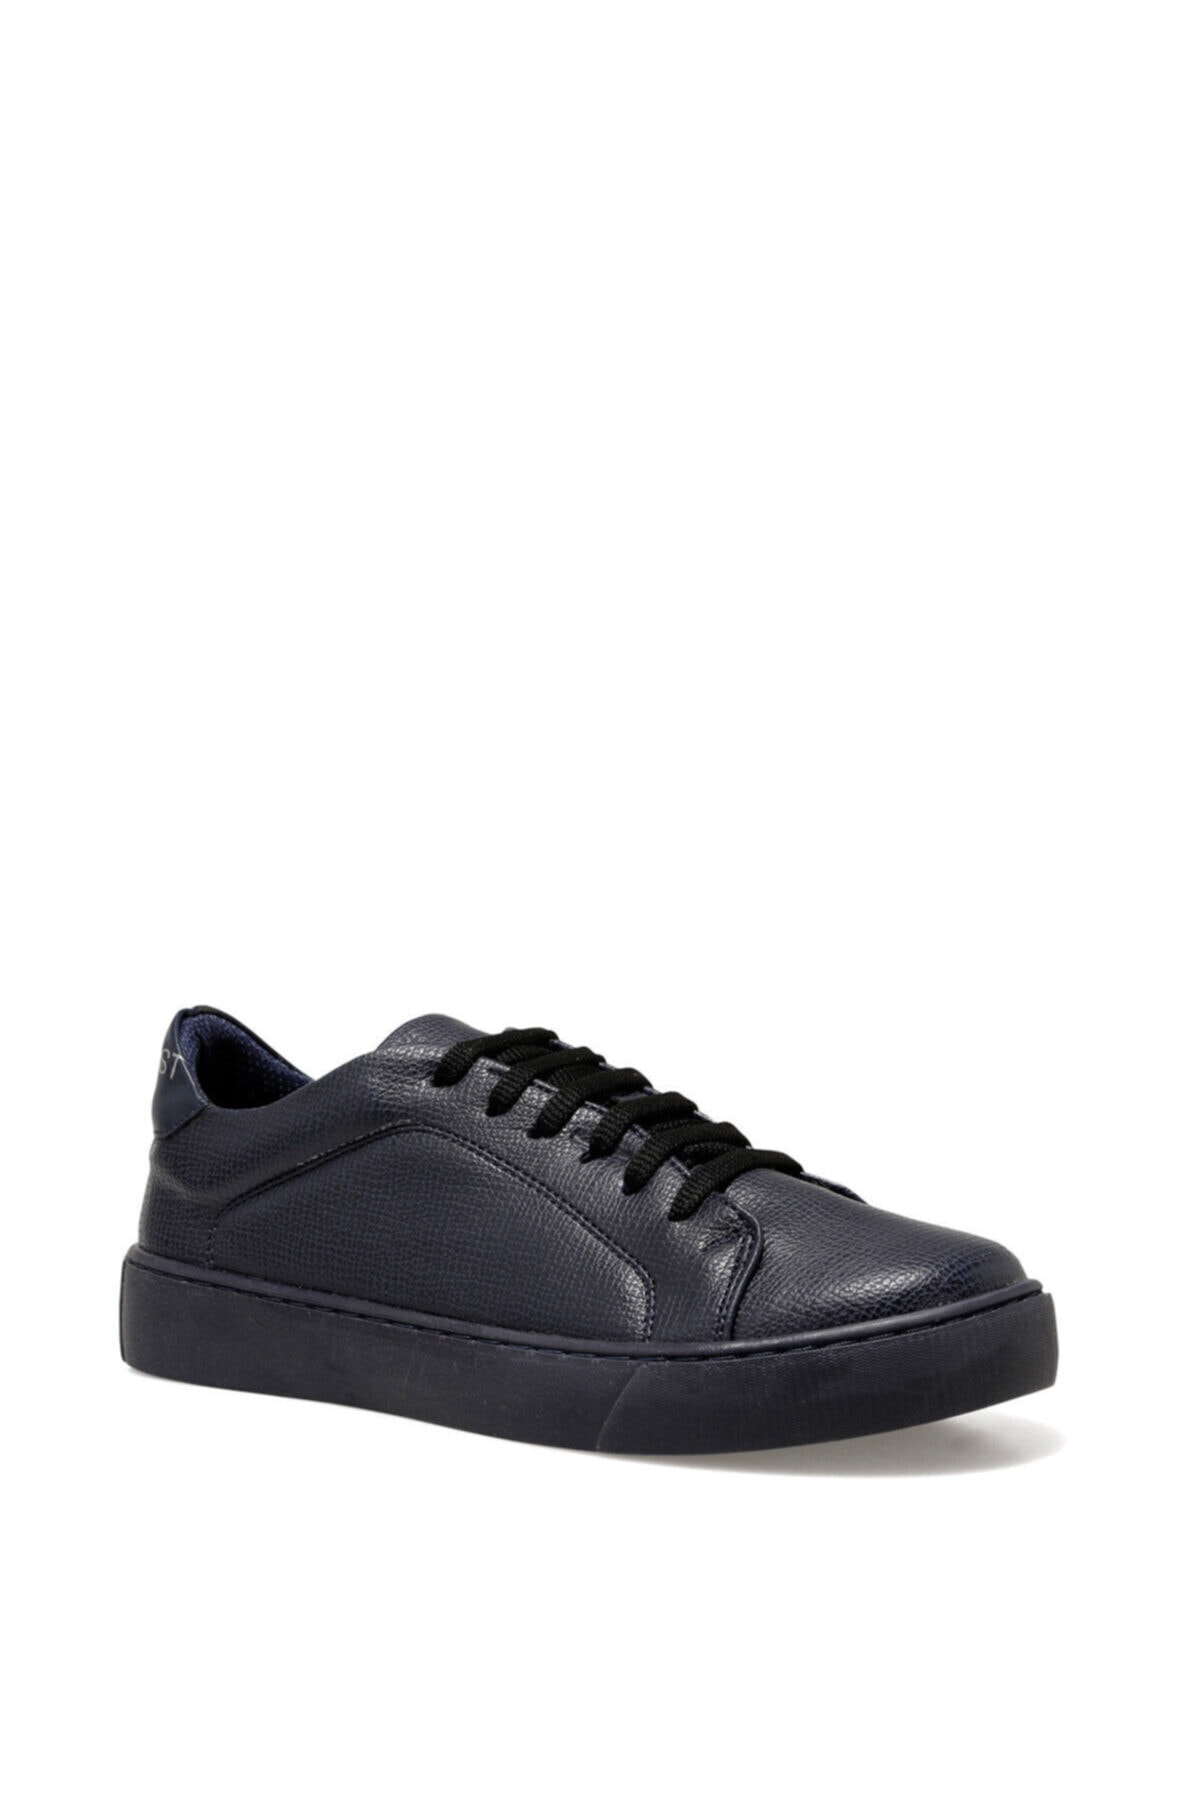 Nine West BARGEL Lacivert Kadın Sneaker 100567687 2